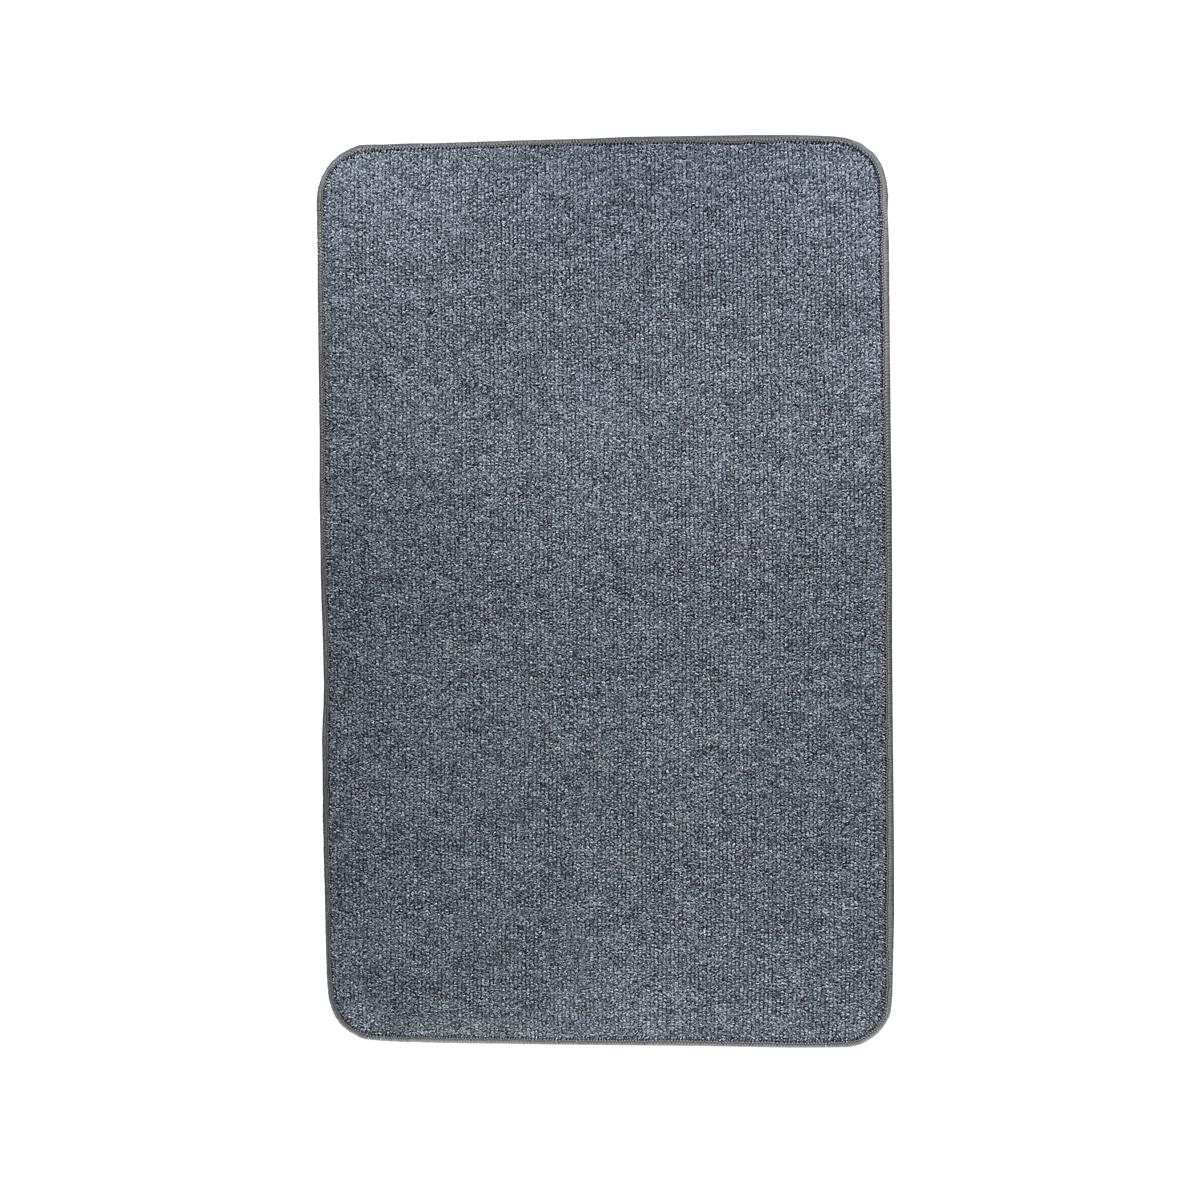 Електричний килимок з підігрівом Теплик двосторонній 50 х 80 см Темно-сірий